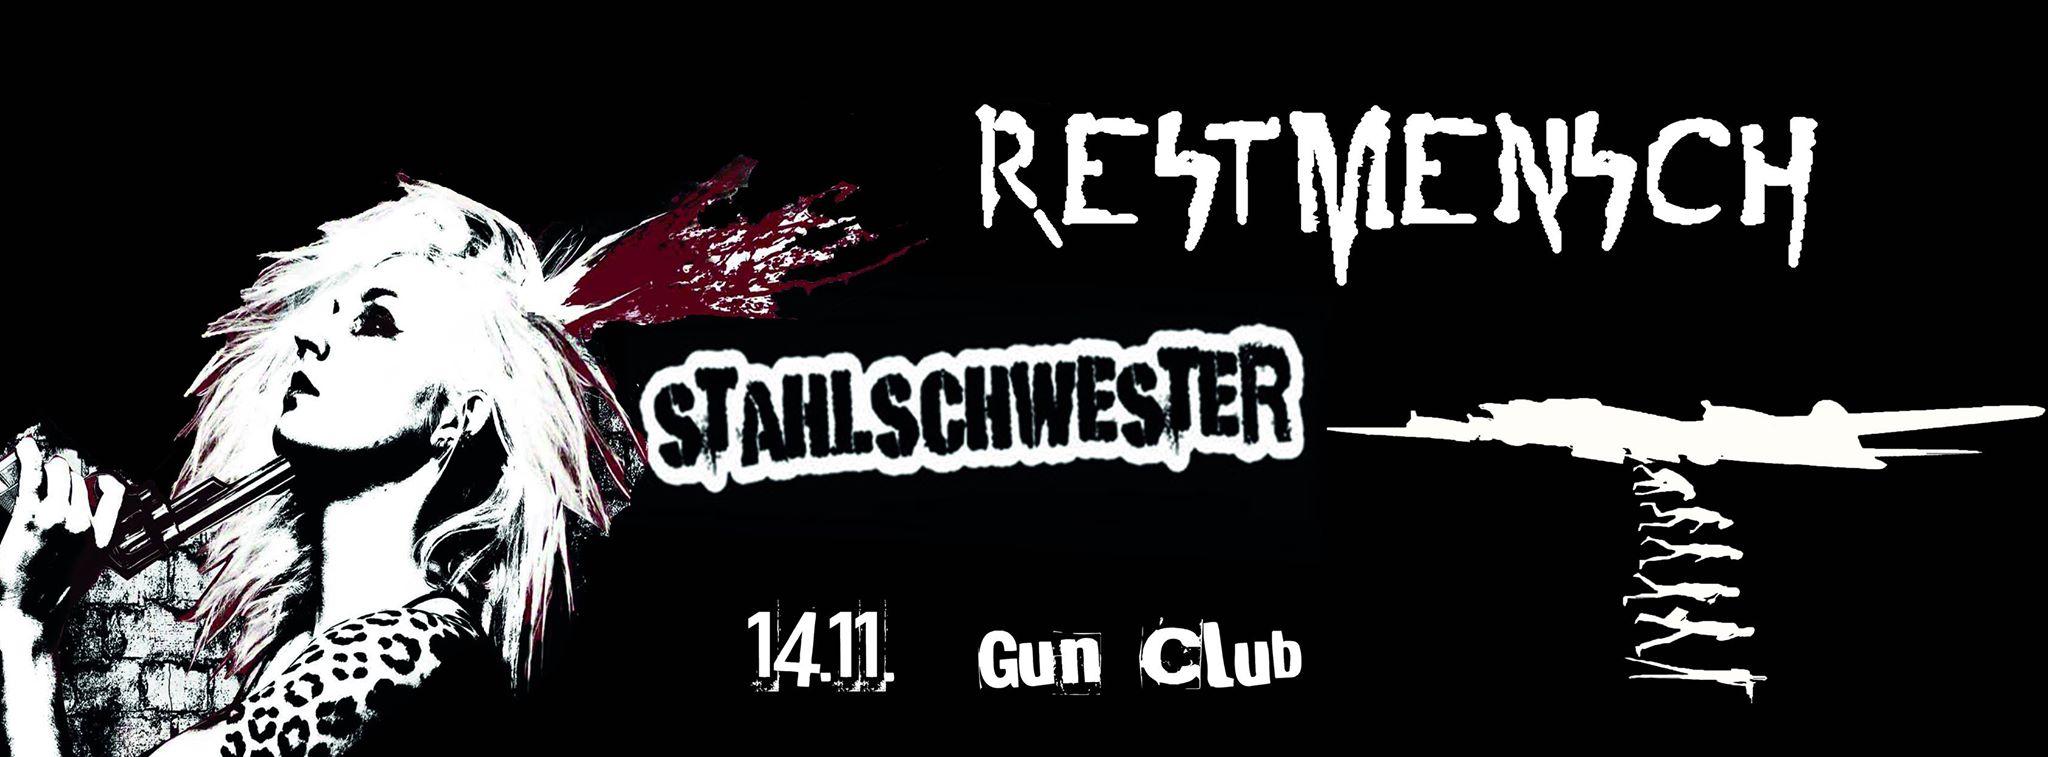 restmensch + stahlschwester @gun club, 14.11.2015